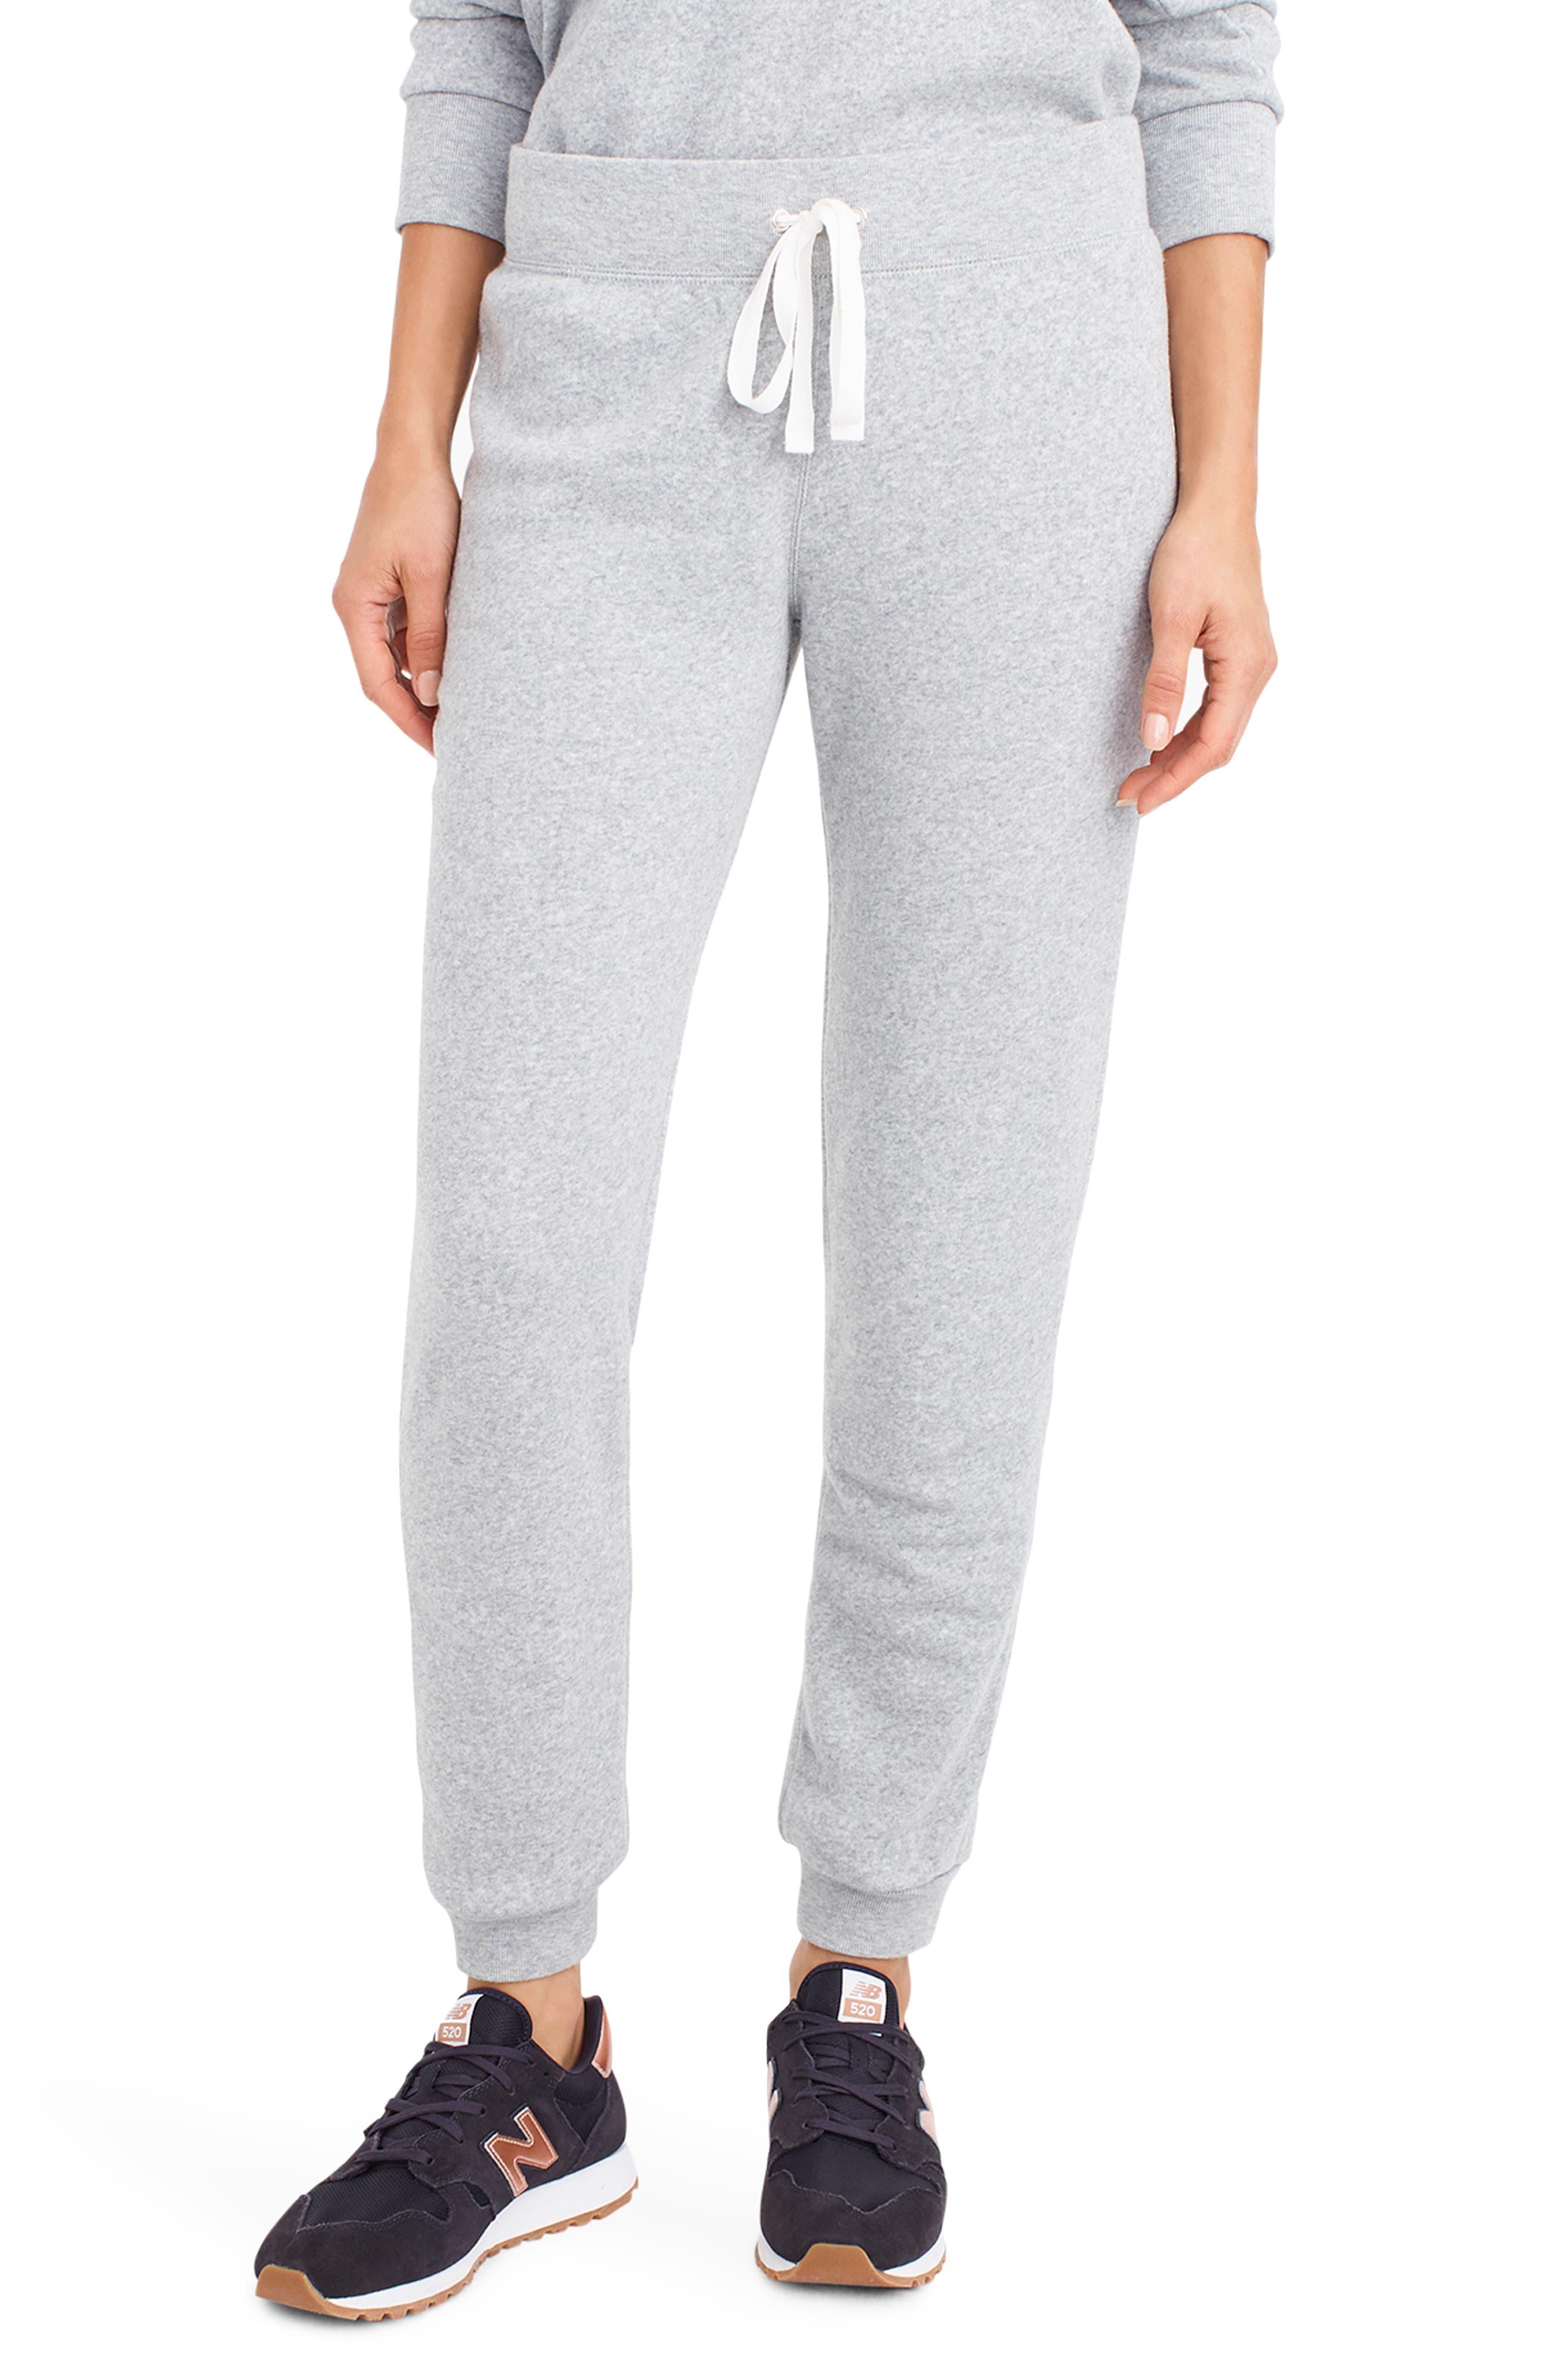 J.crew Supersoft Fleece Sweatpants, Grey